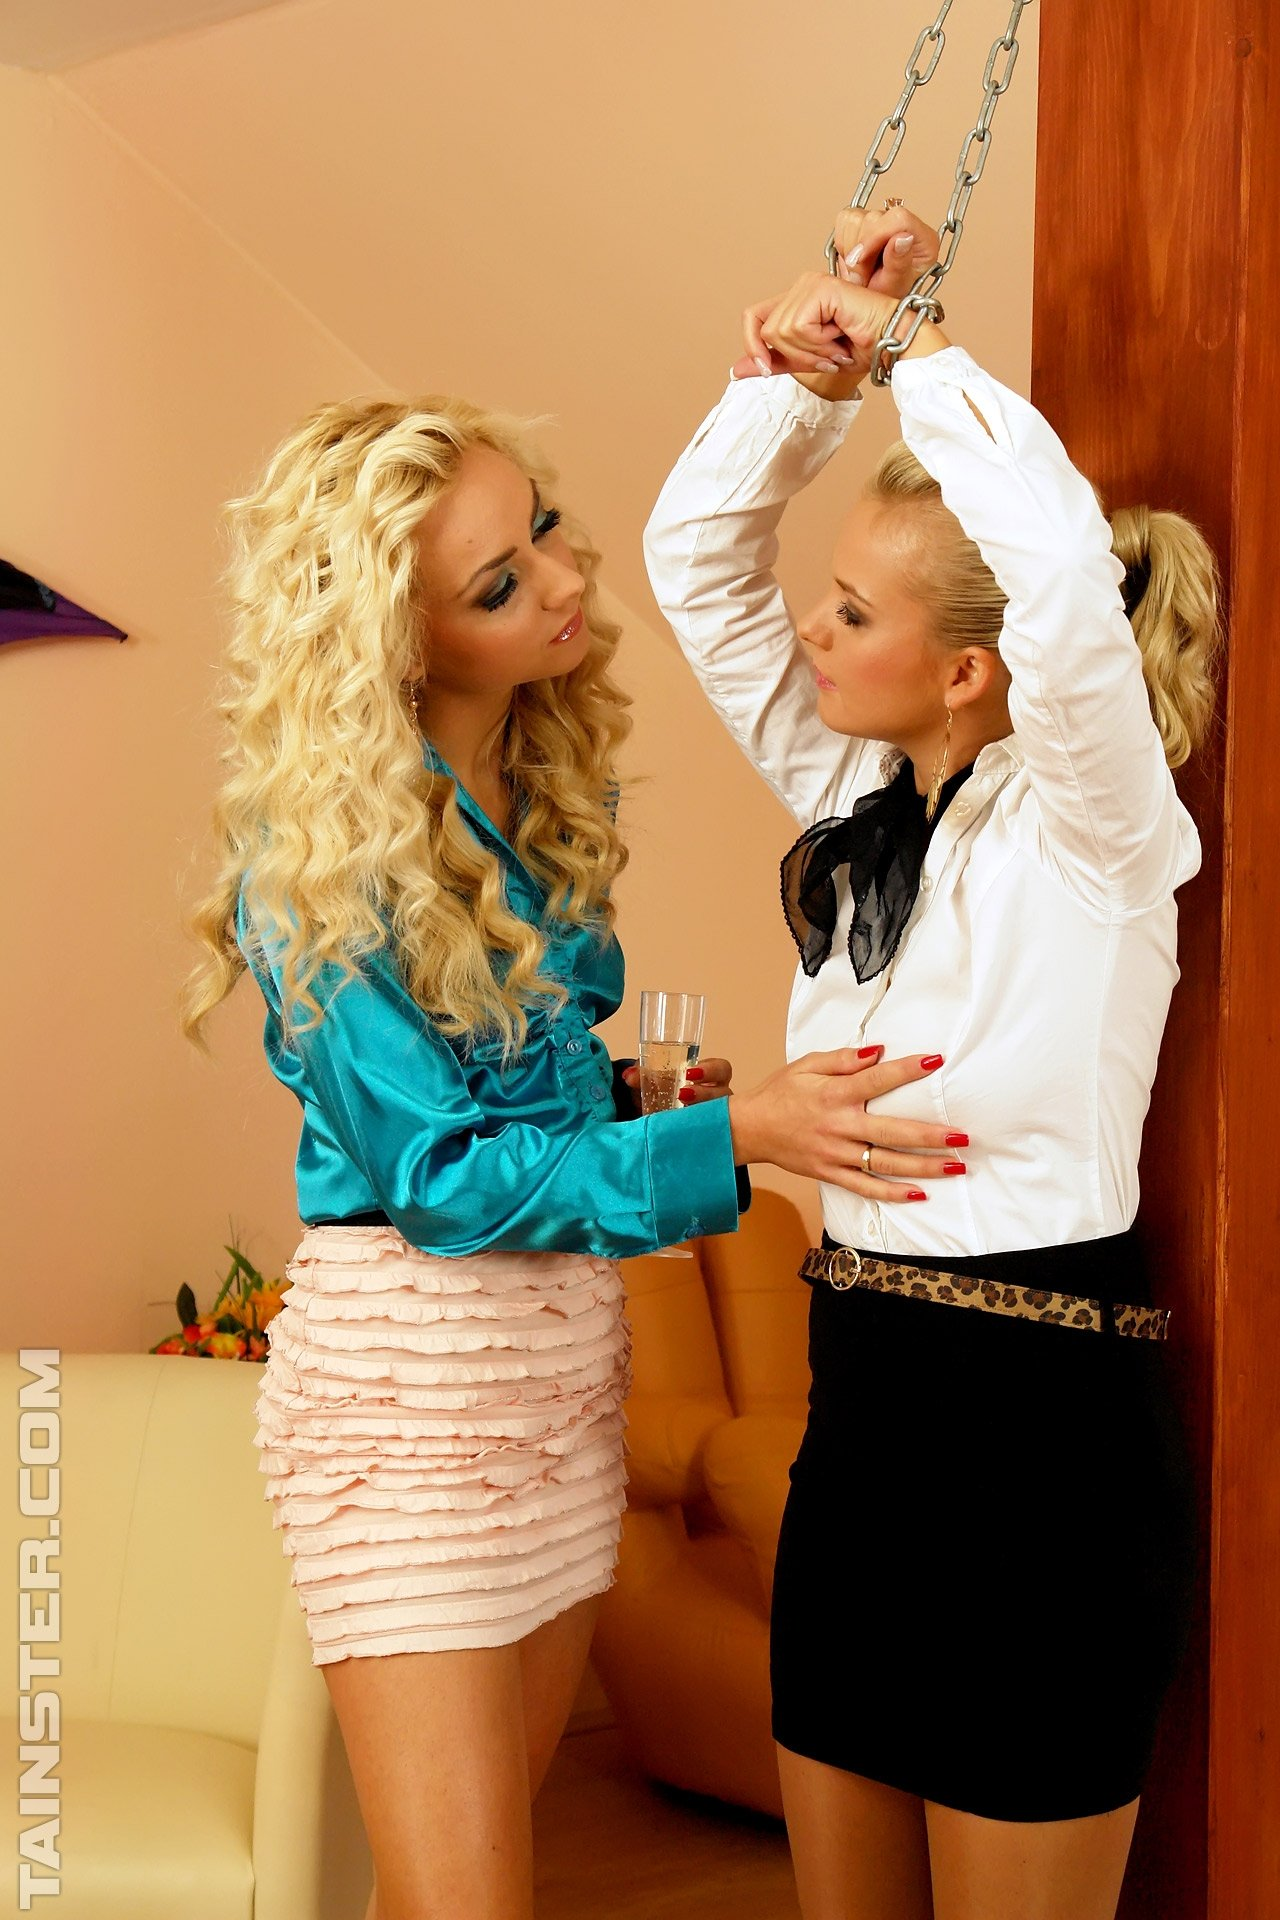 Лесбиянки в одежде ссут друг на друга